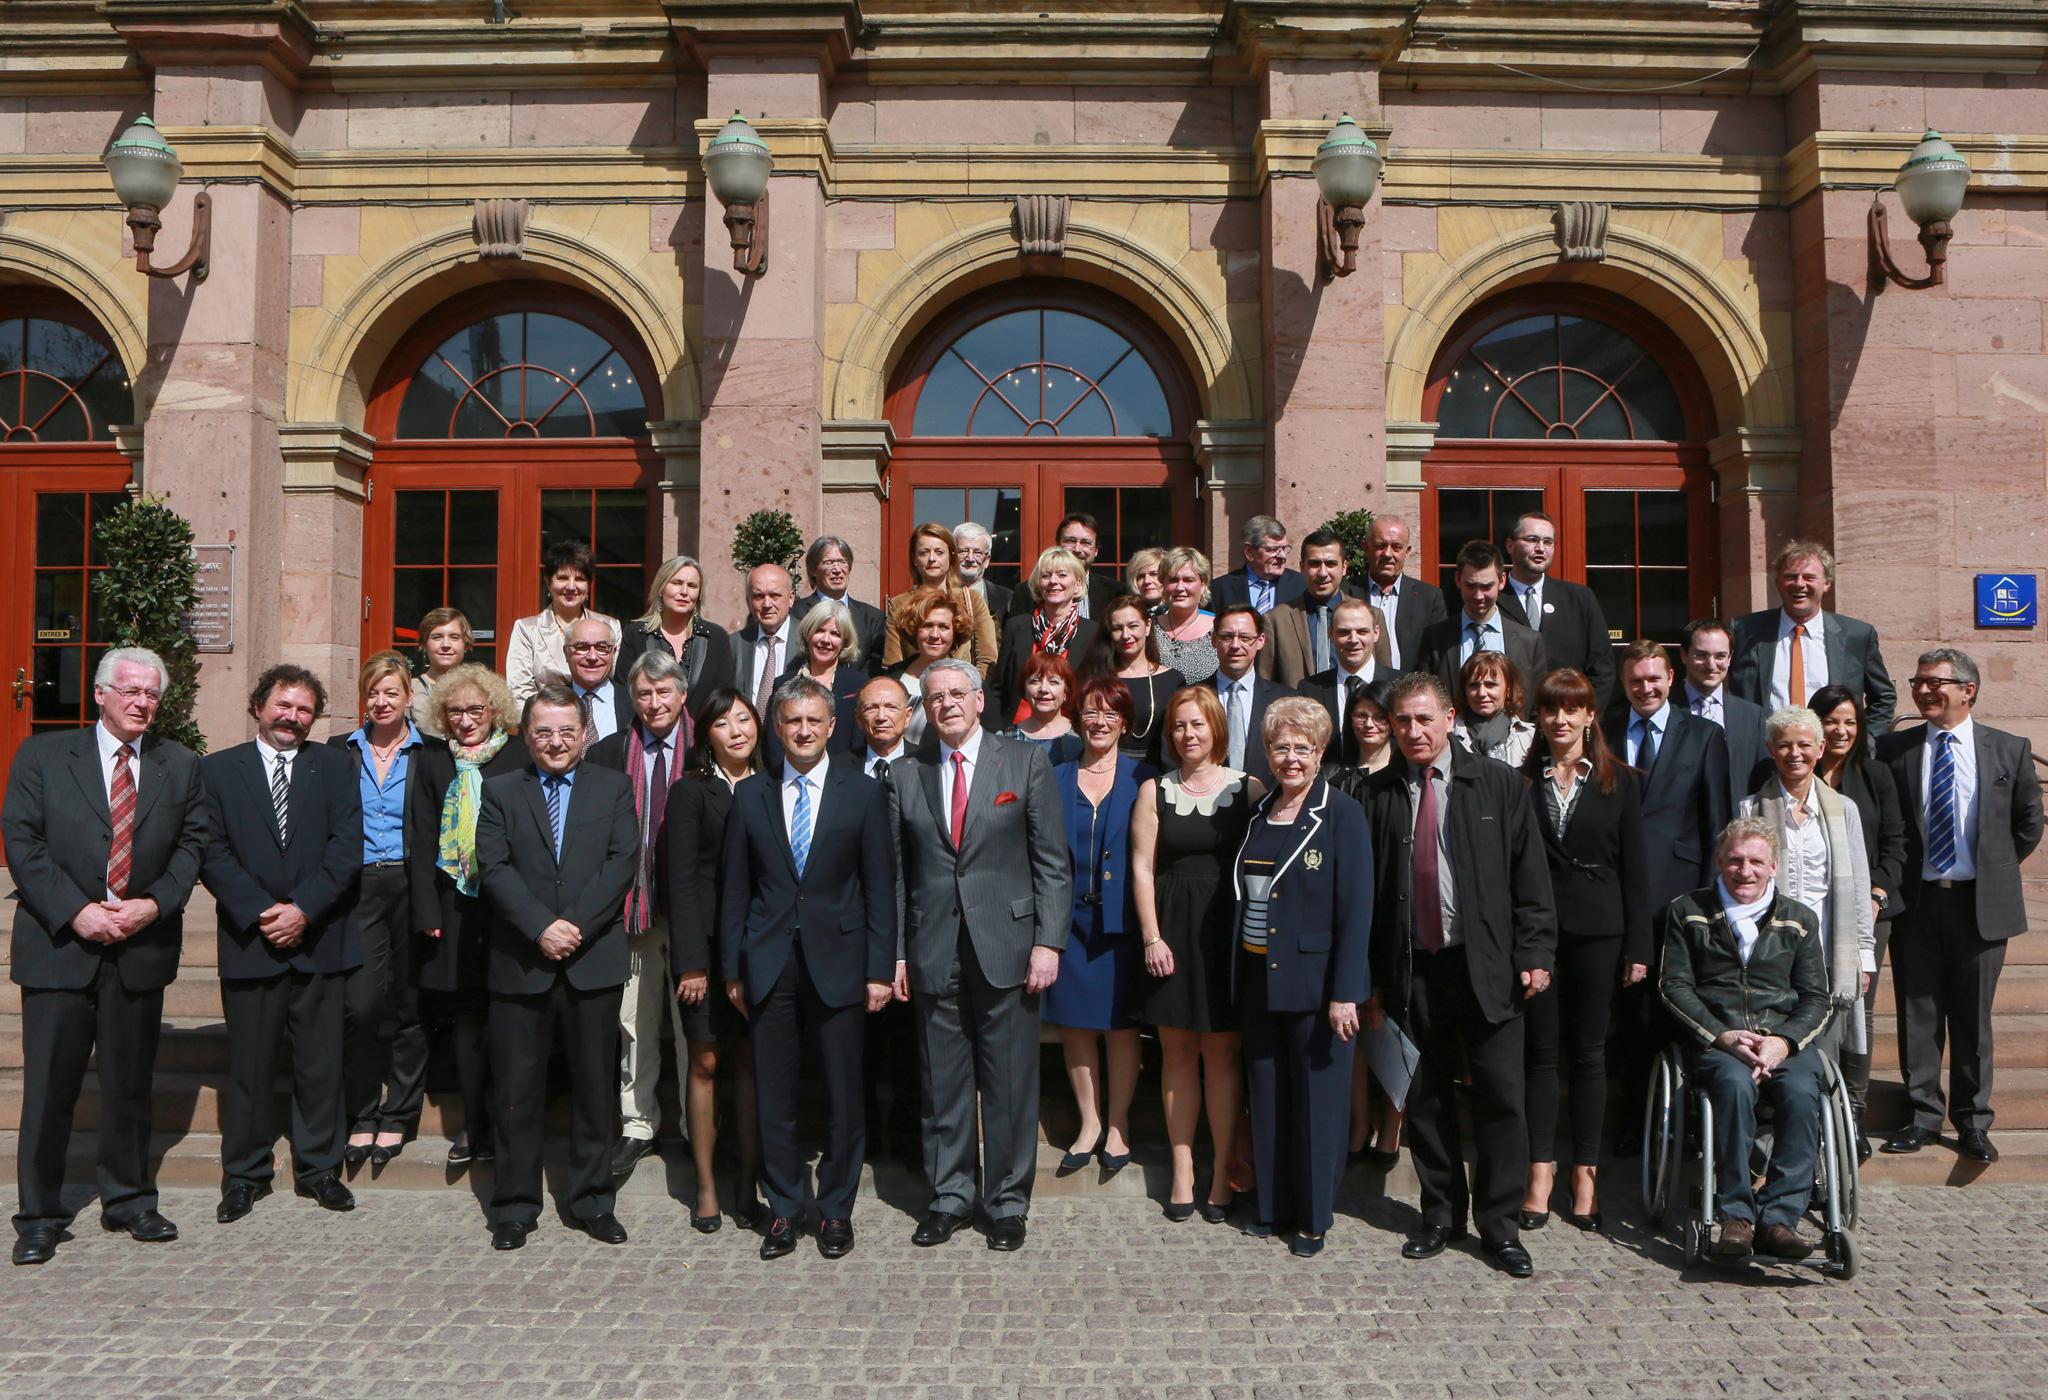 Les membres du conseil municipal, élus en mars 2014